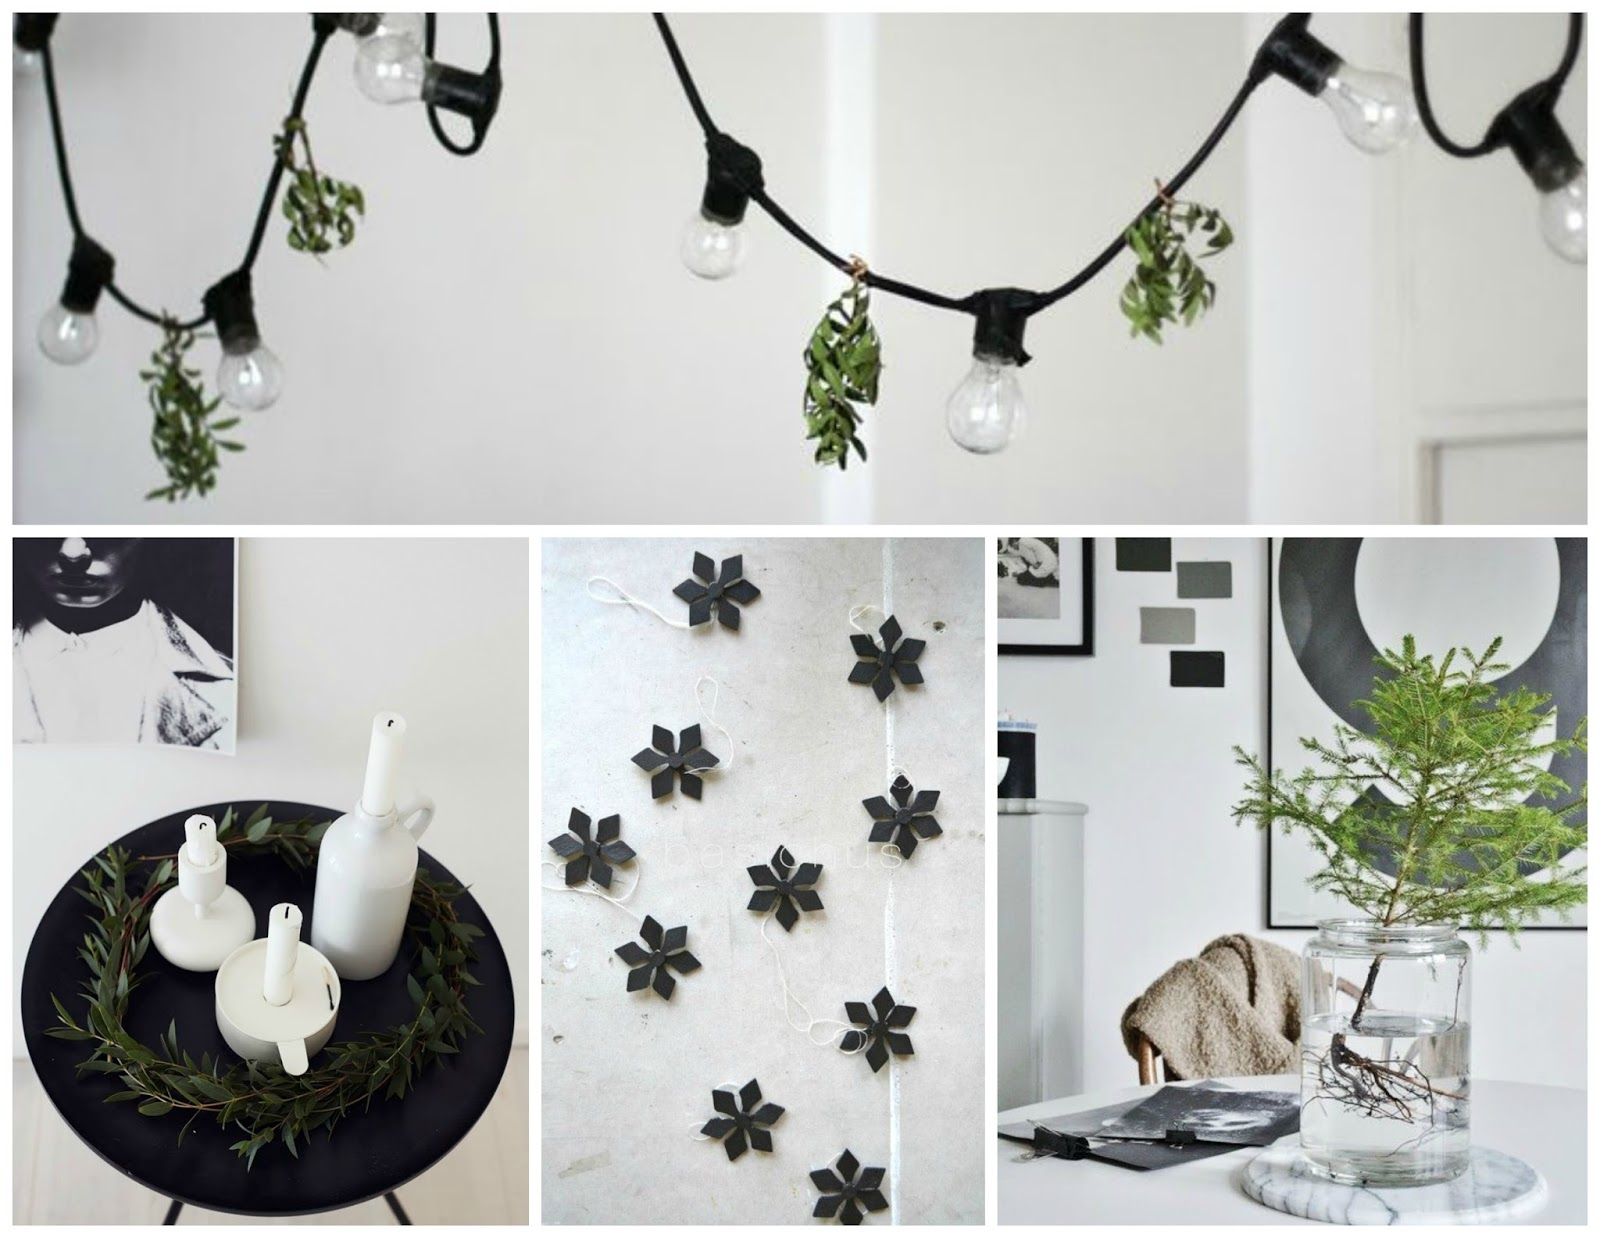 Kerst moodboard #1: zwart, wit en natuurlijk groen